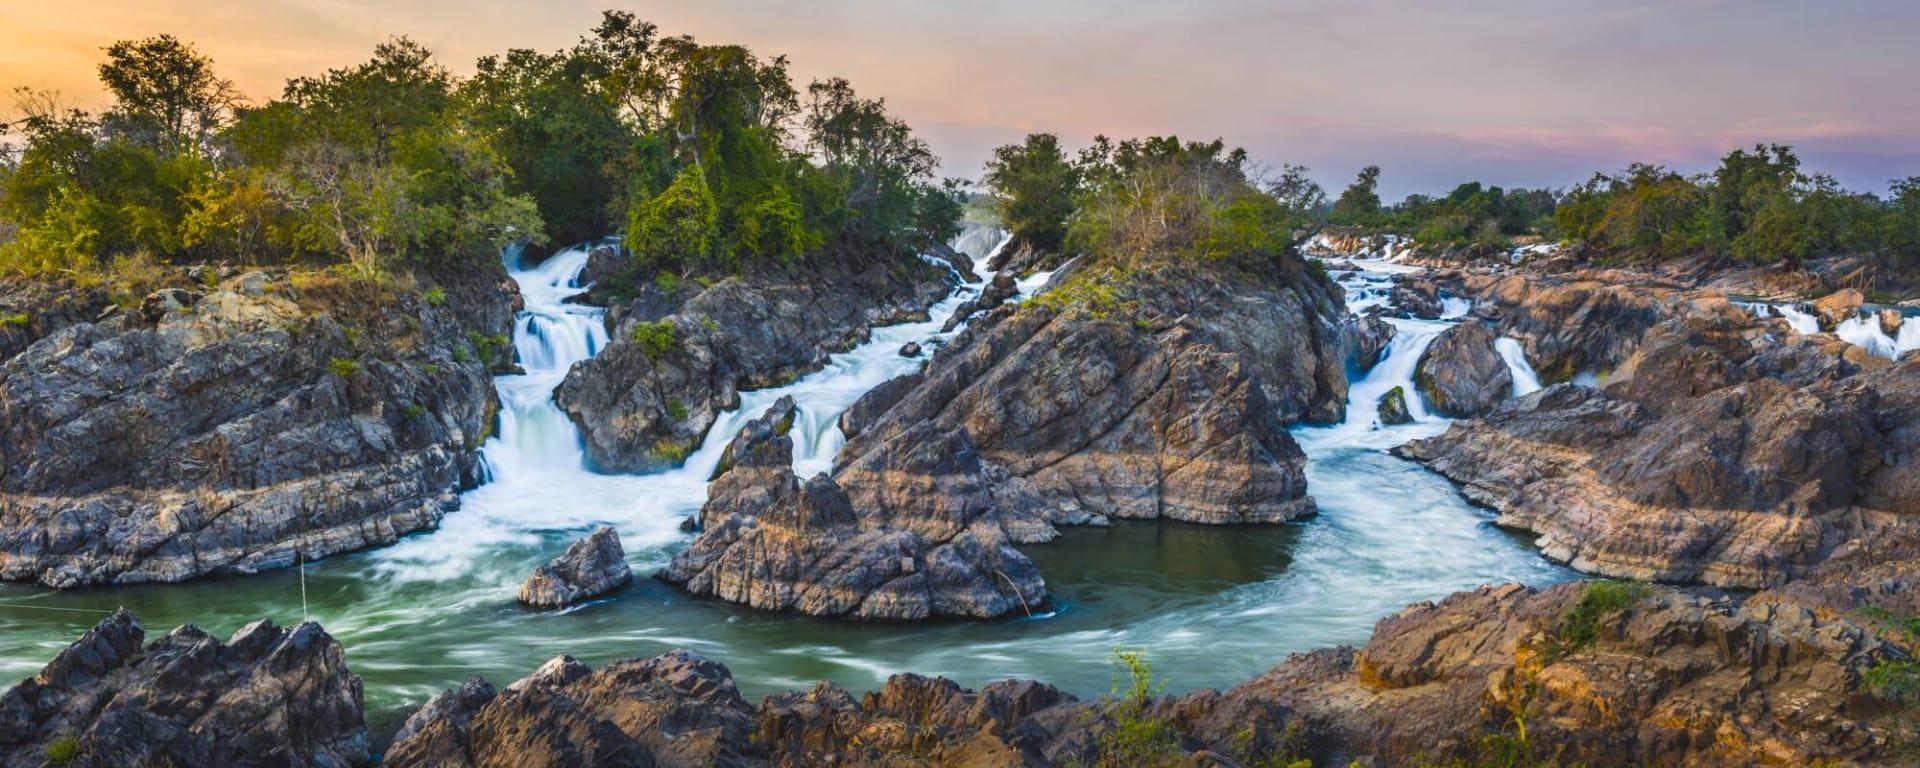 Laos entdecken mit Tischler Reisen: Laos 4000 Islands Champasak